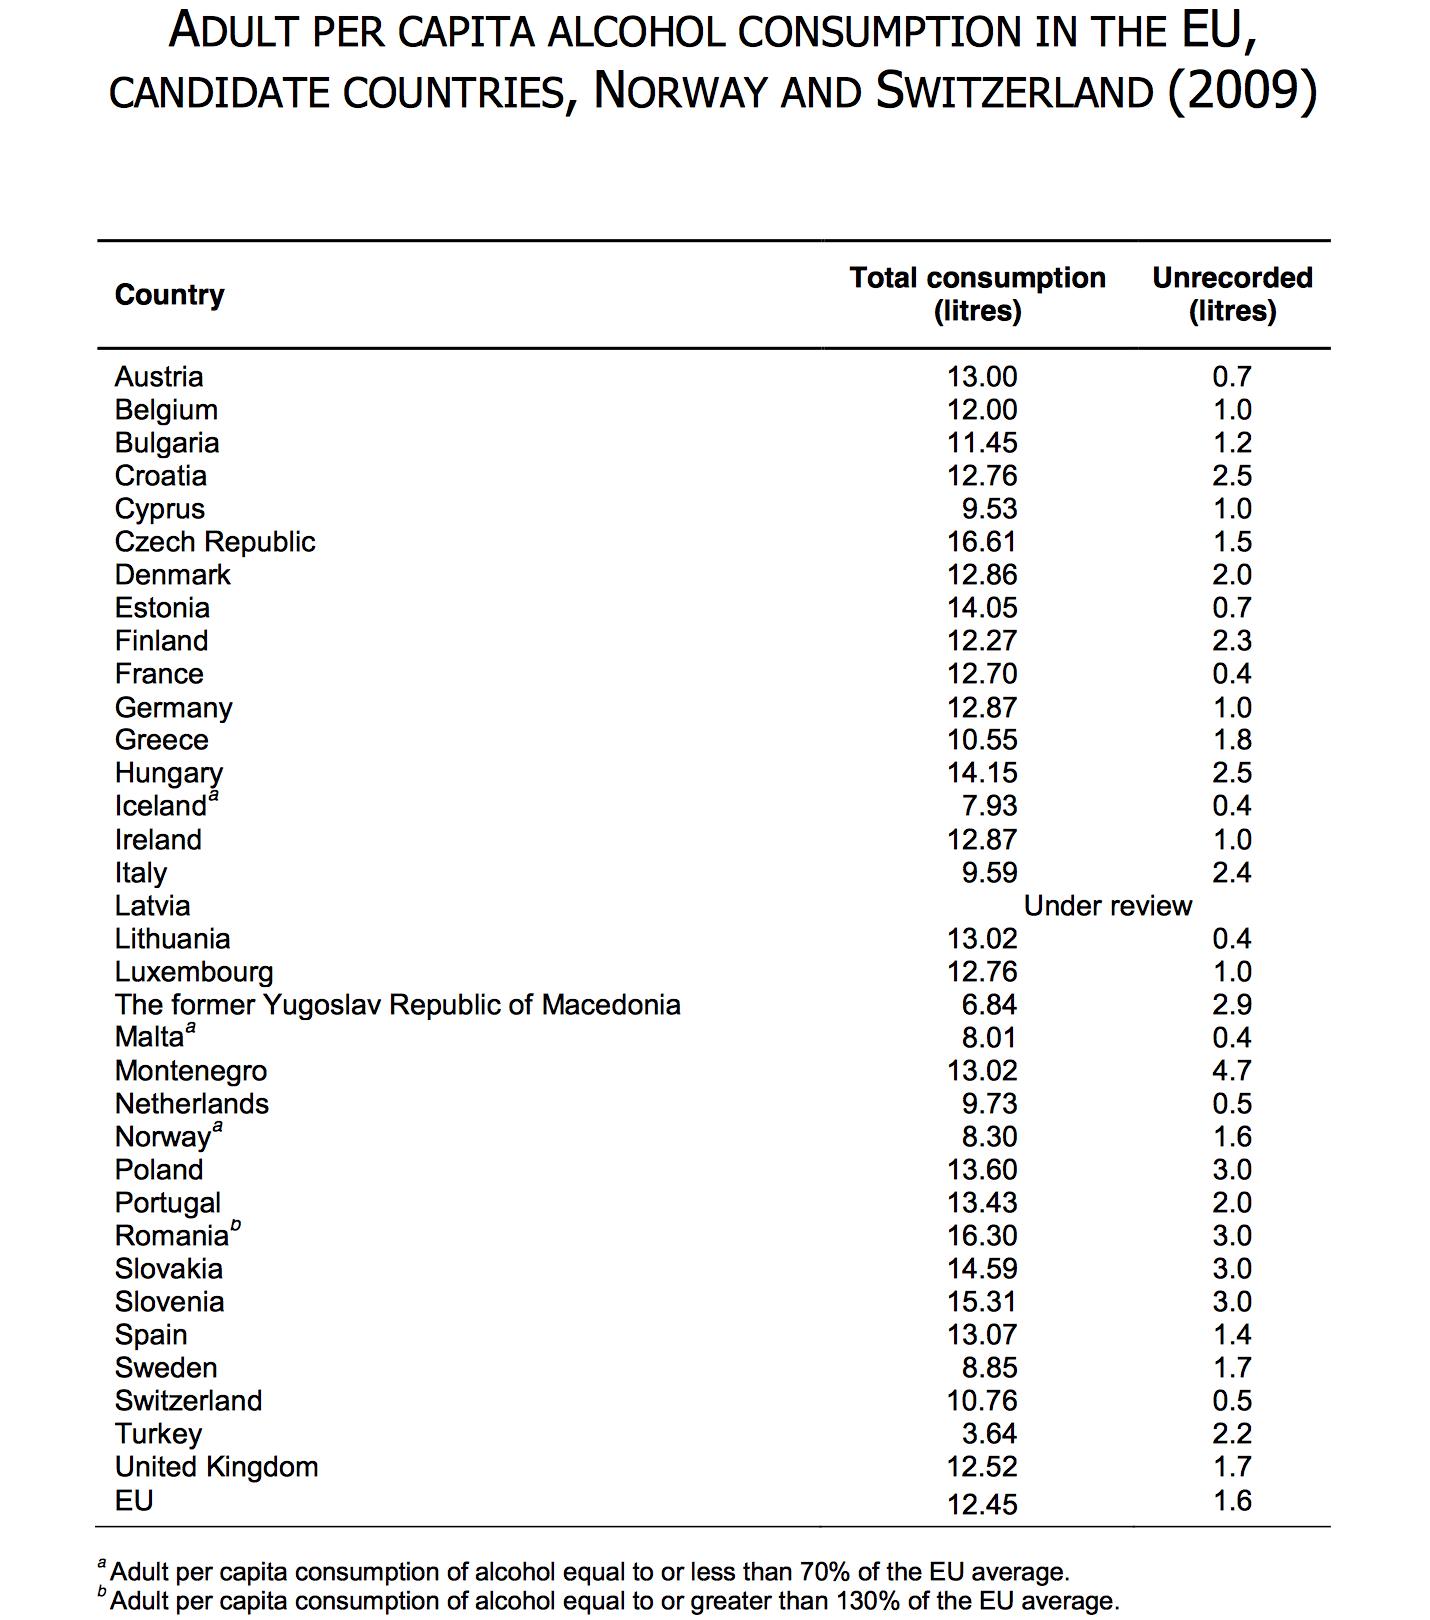 Adult per capital alcohol consumption in the EU, 2009